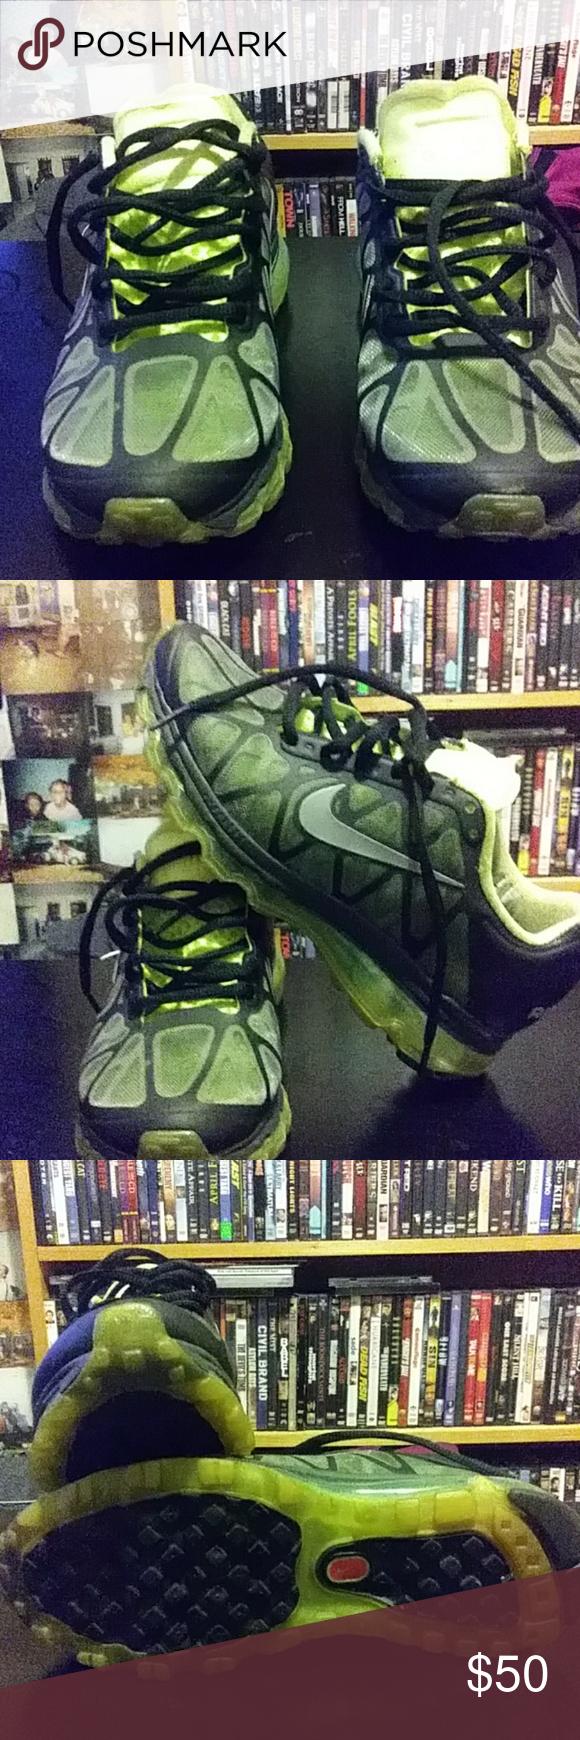 Nike Schuhe Herren » Kostenfrei Bestellen & Durchstarten